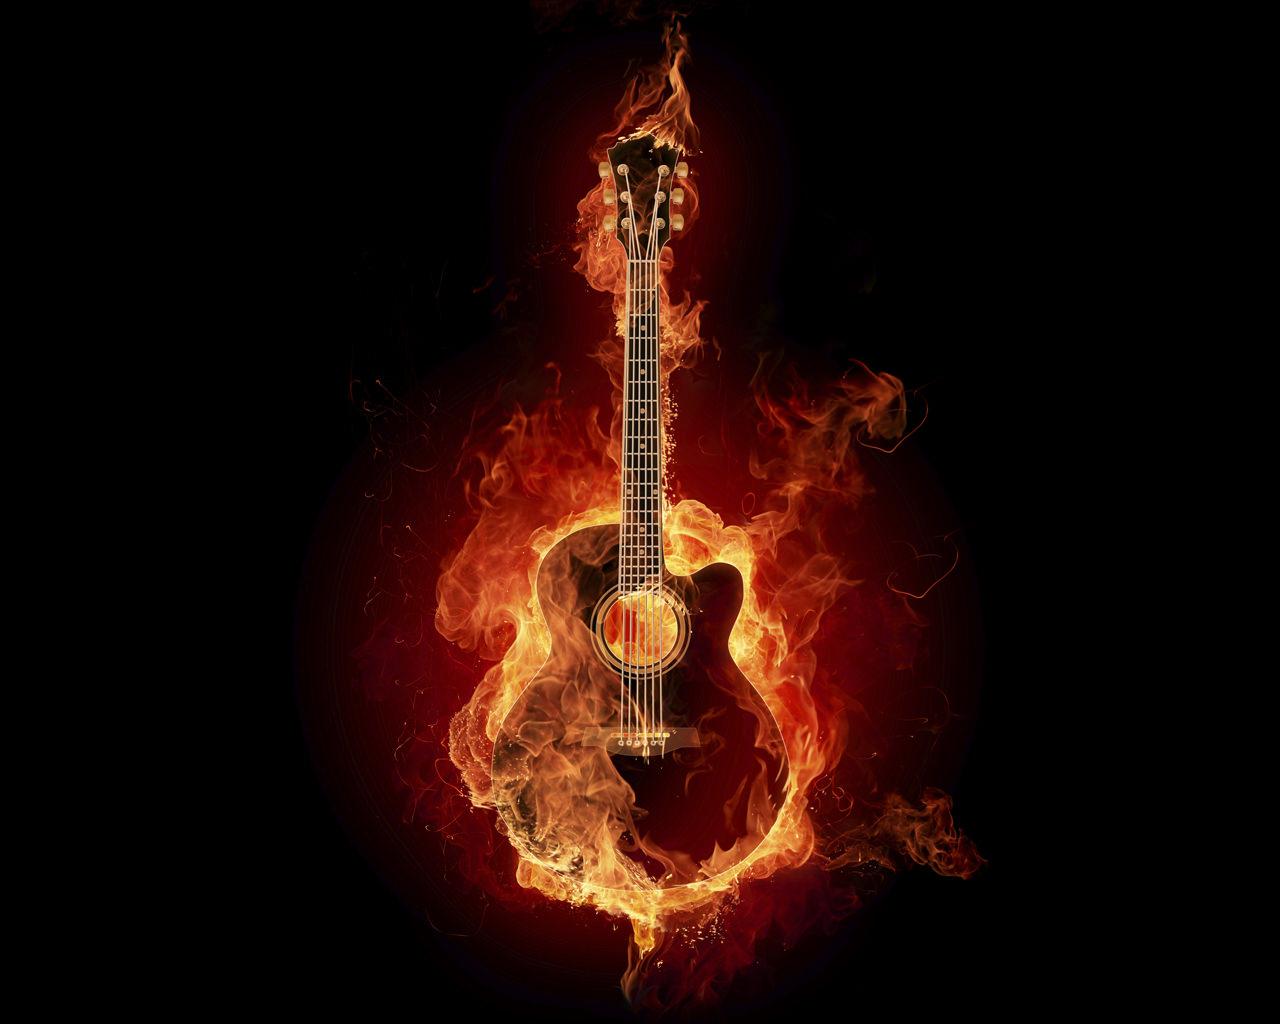 Guitar on Fire Wallpaper